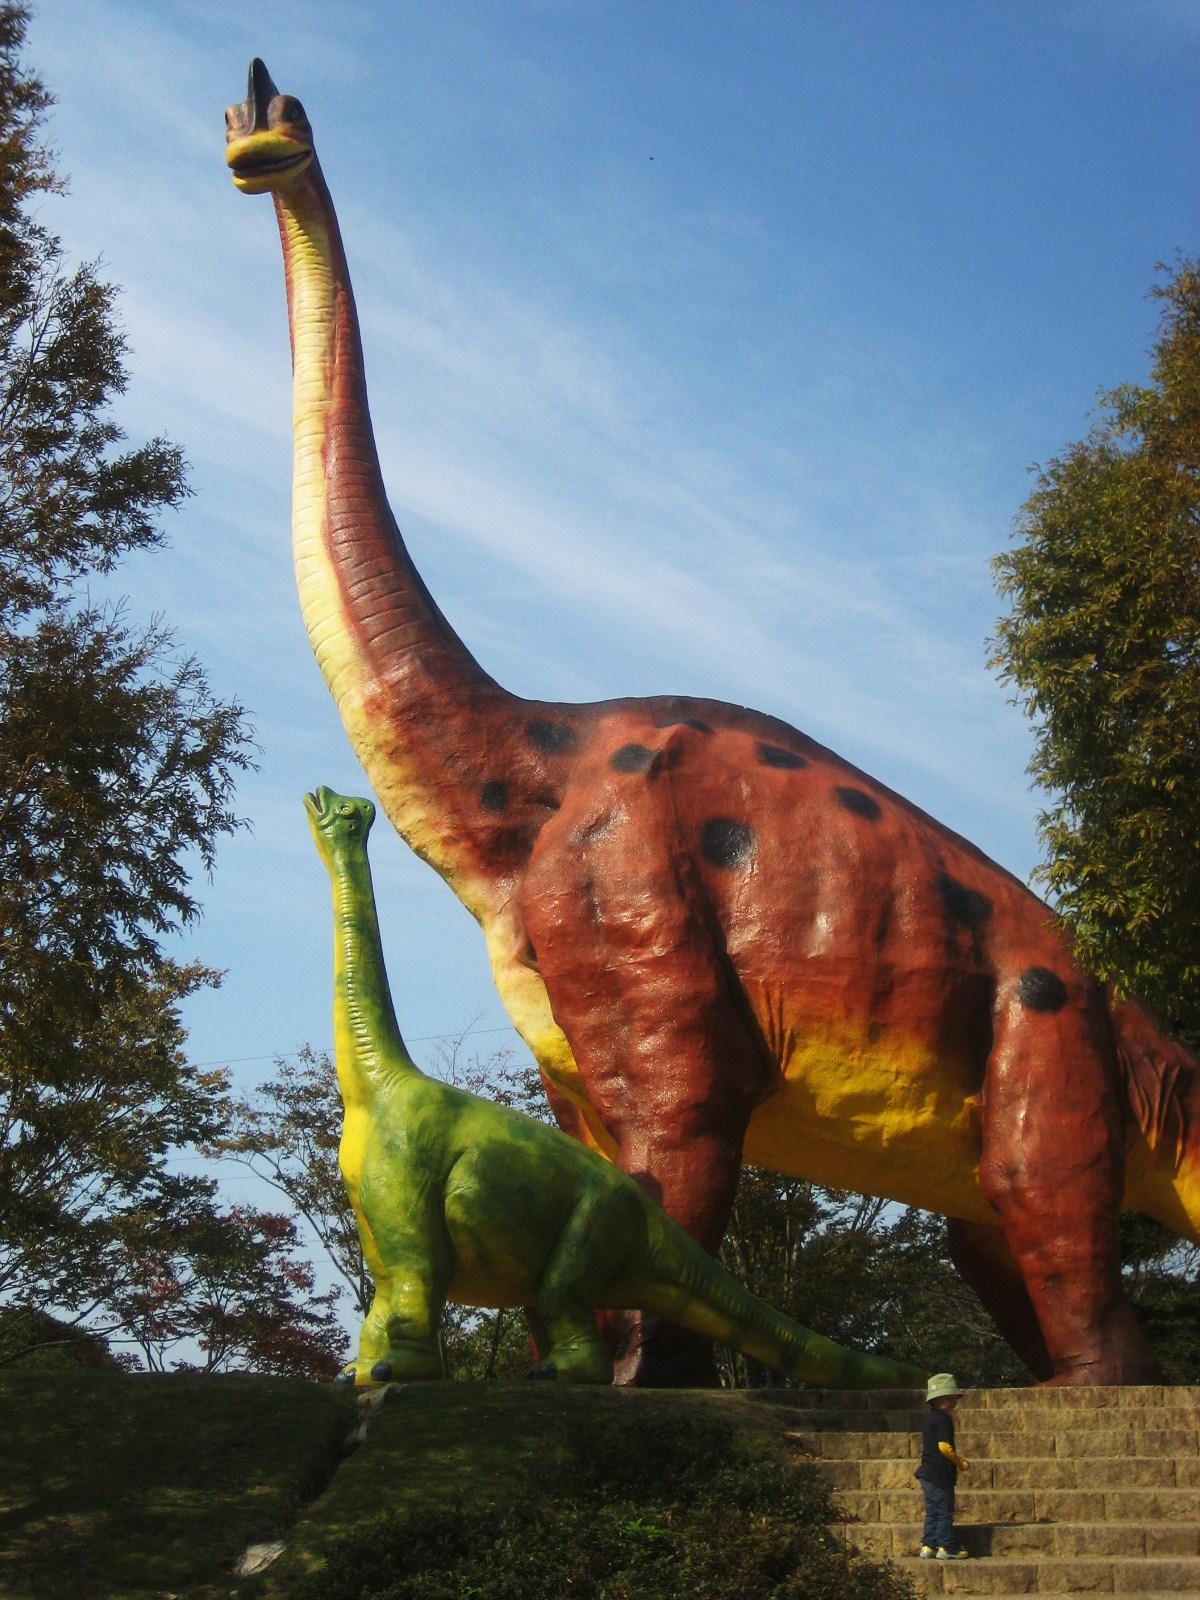 野外展示の恐竜。確かブラキオサウルスだったと思う。ひたすらデカイ。 こんな感じの恐竜が7~8体あって、子供たちの人気を集めている。